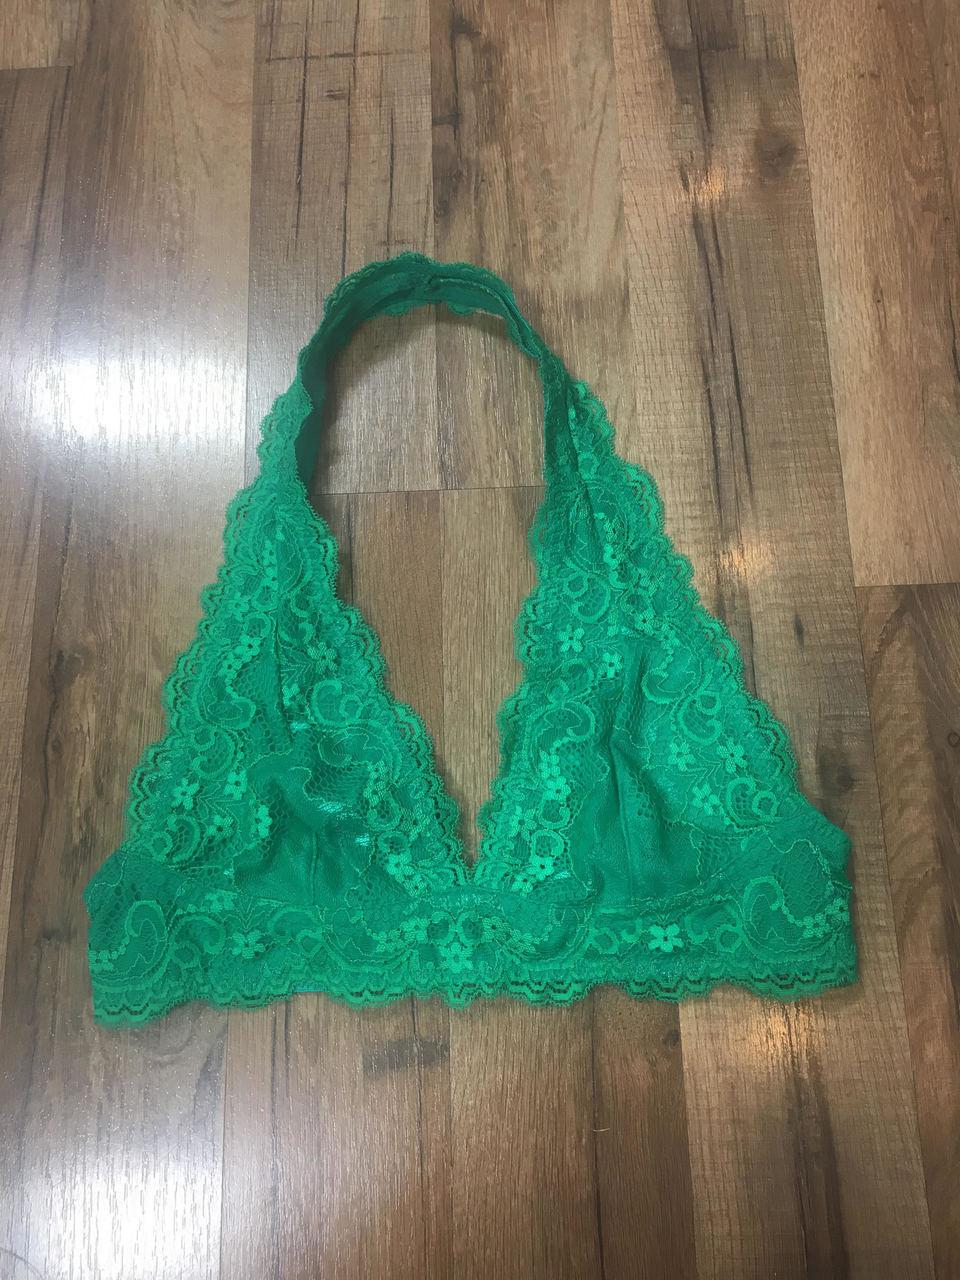 bda9dad676bce2 Green Halter Bralette - Younique Culture